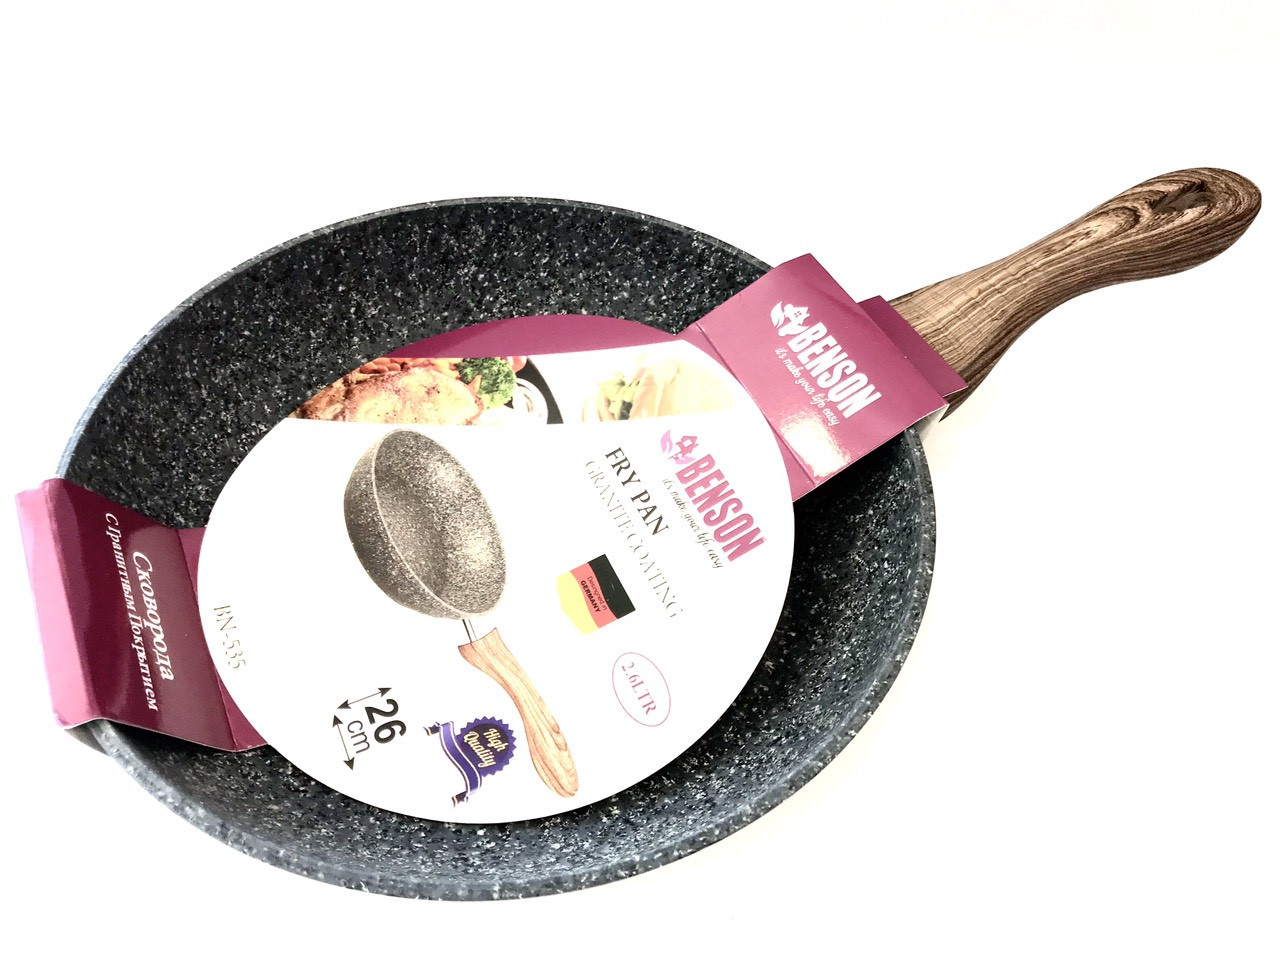 Сковорода Benson BN-535 (26 см) с антипригарным гранитным покрытием   сковородка Бенсон, сотейник Бэнсон